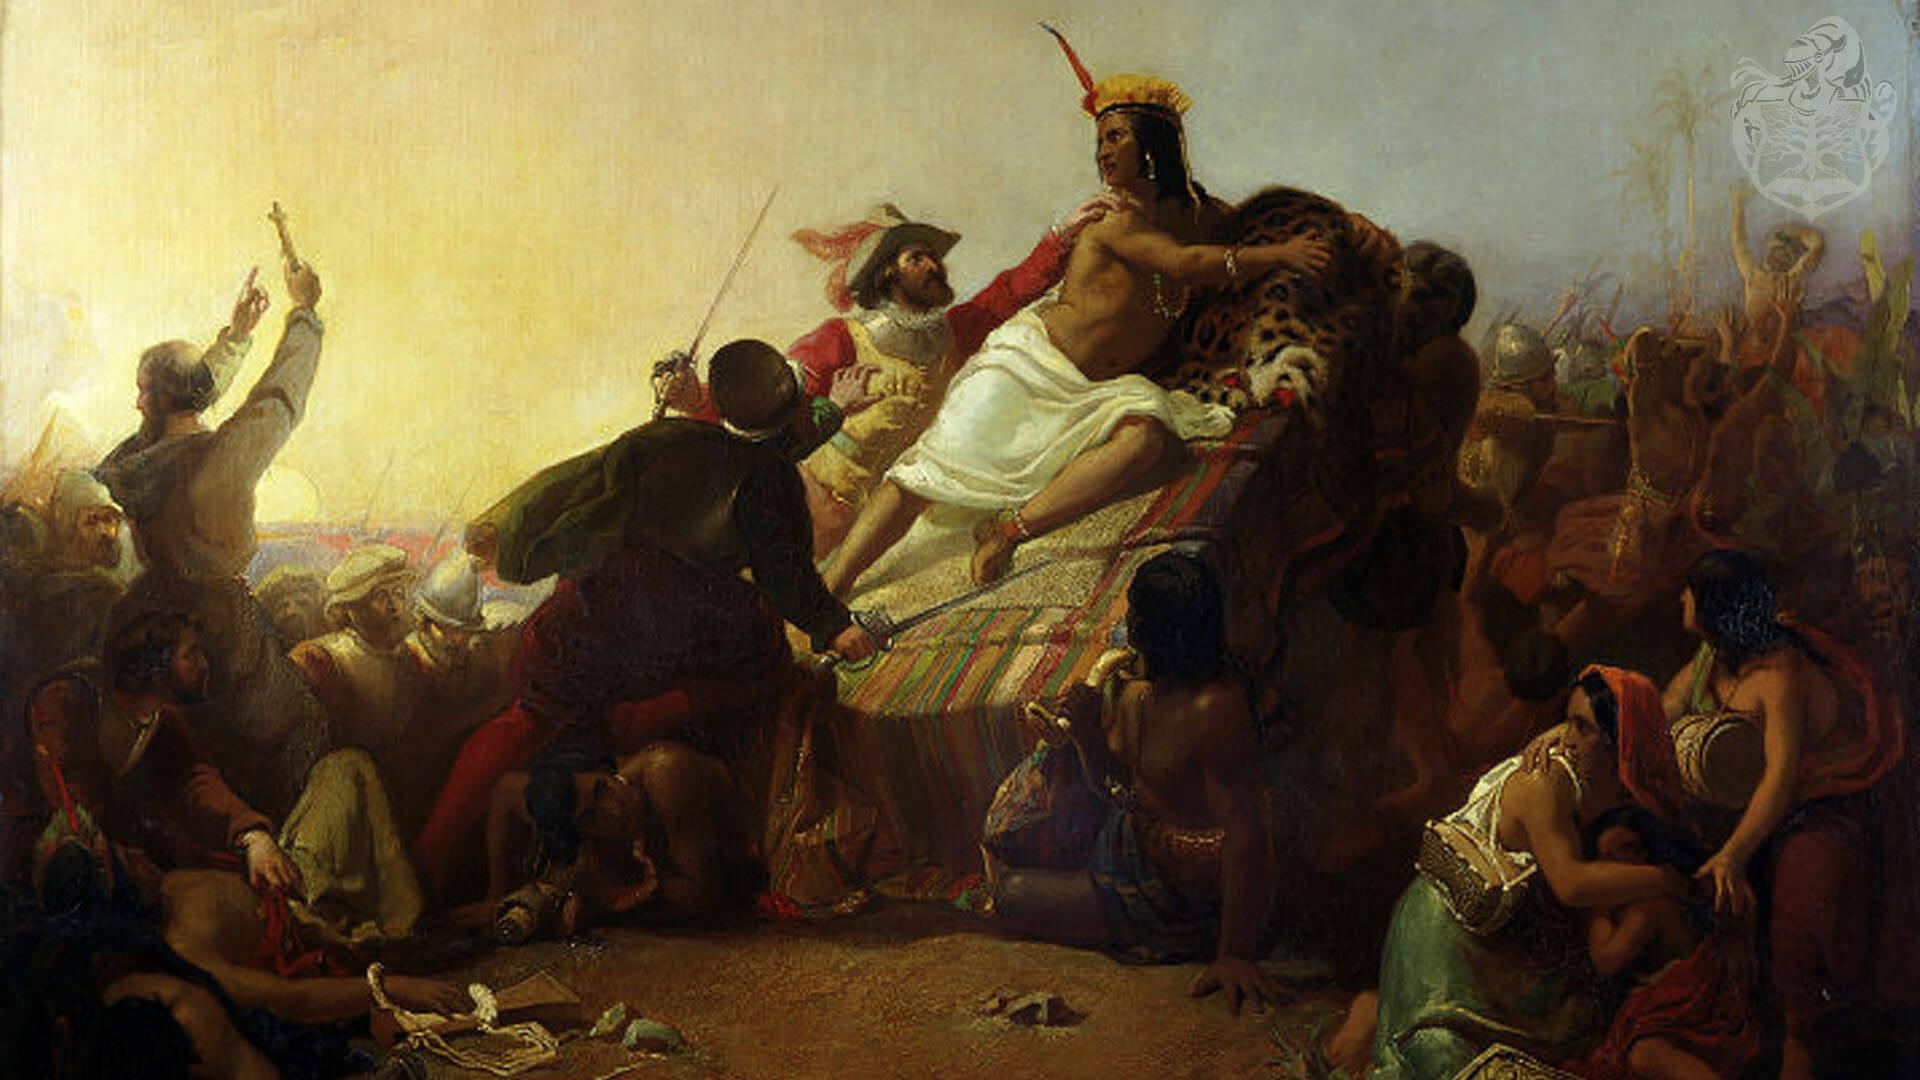 Джон Эверетт Милле. «Писарро берёт в плен правителя перуанских инков». 1845 год